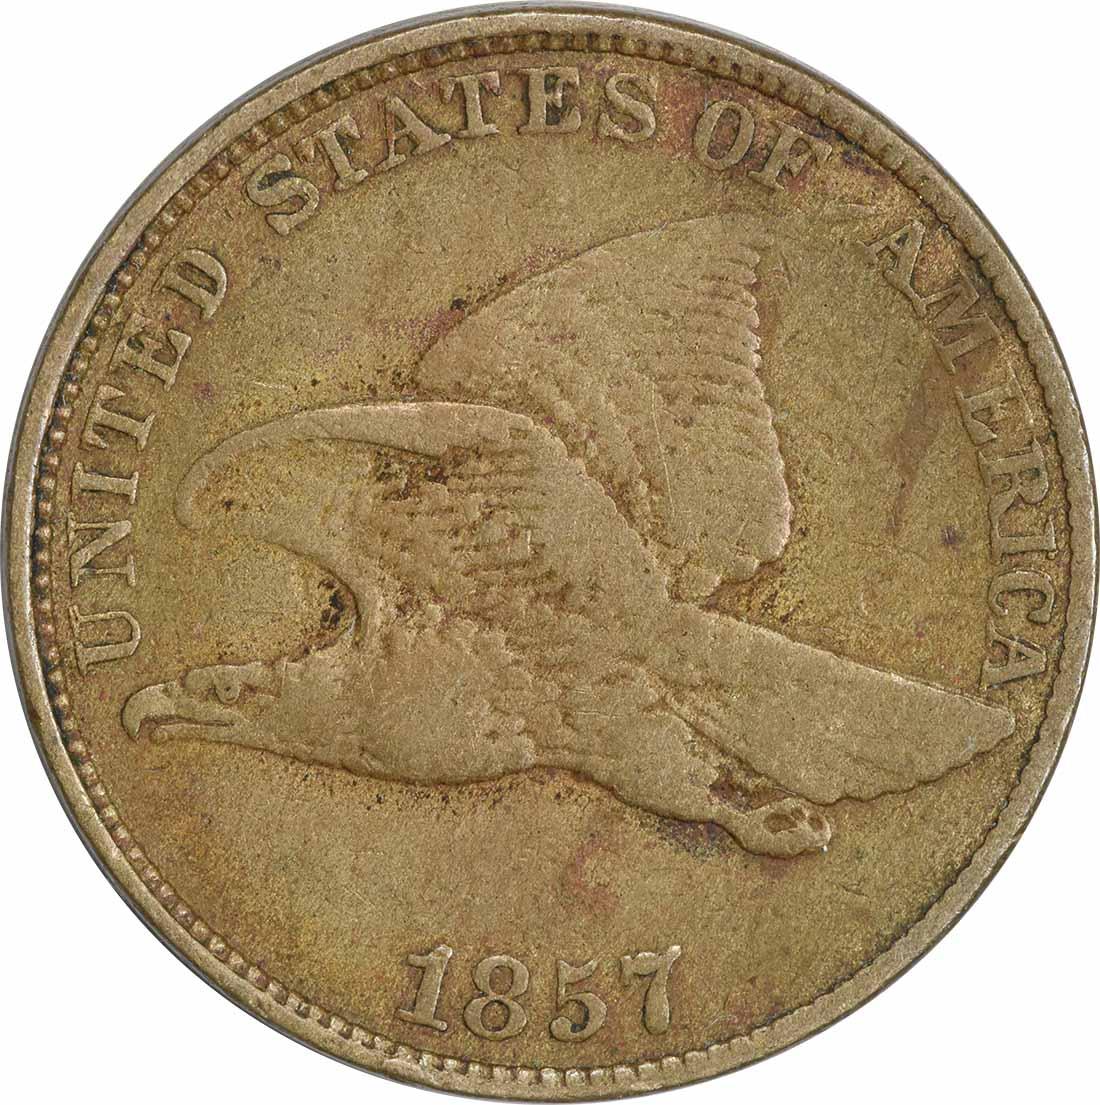 1857 Flying Eagle DDO S-4 FS-101 VF Uncertified